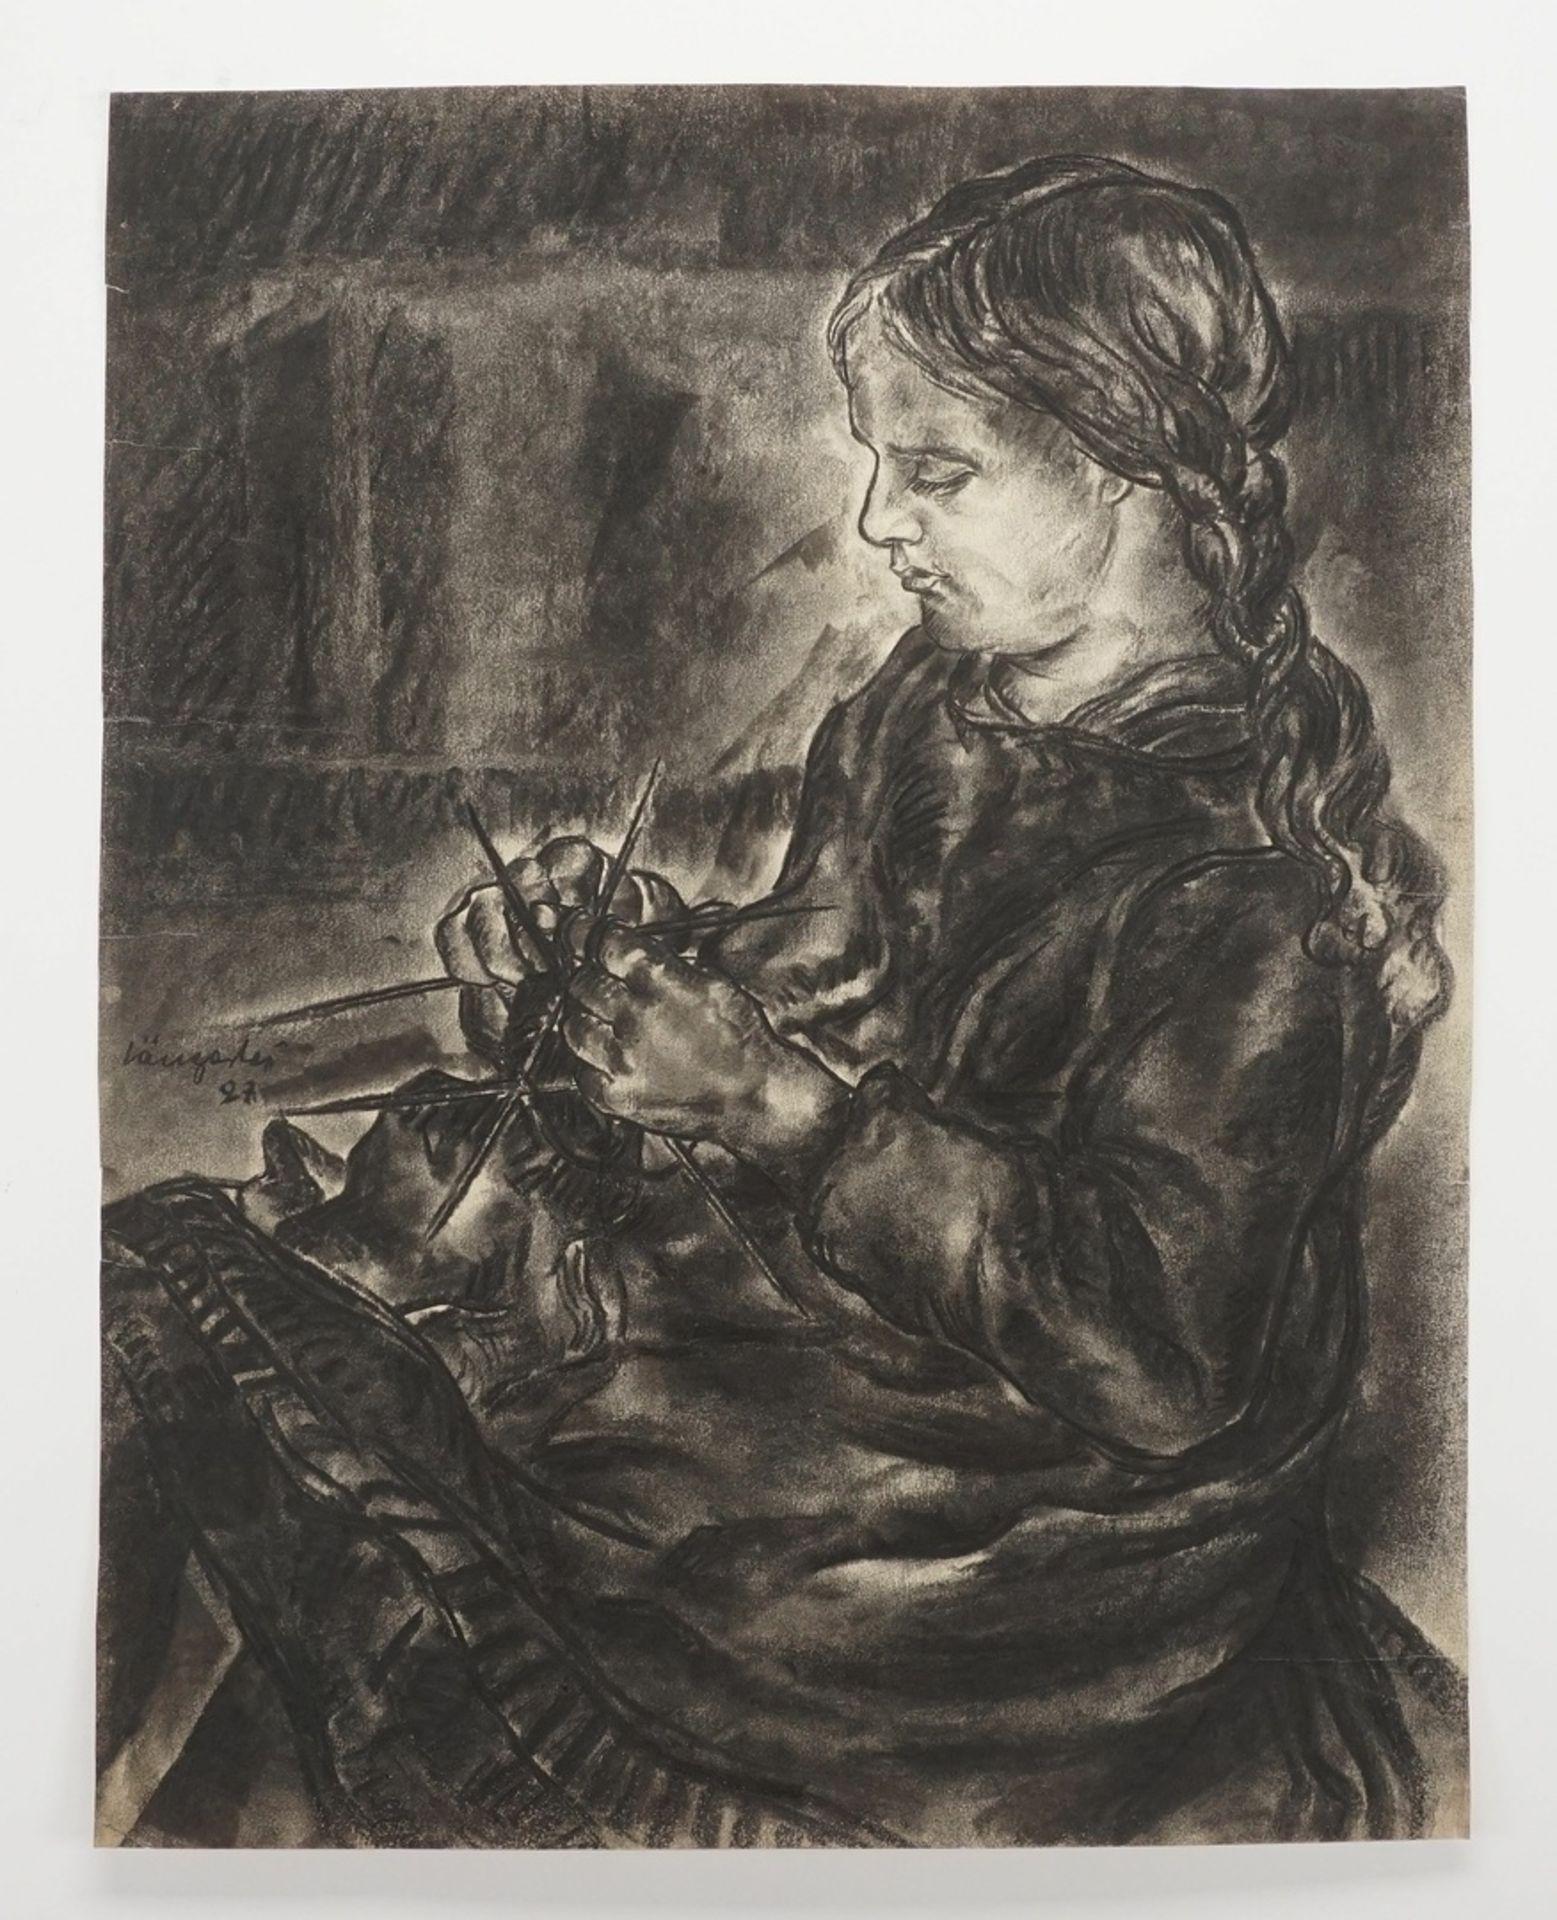 Unbekannter Zeichner, Strickendes Mädchen - Bild 3 aus 4